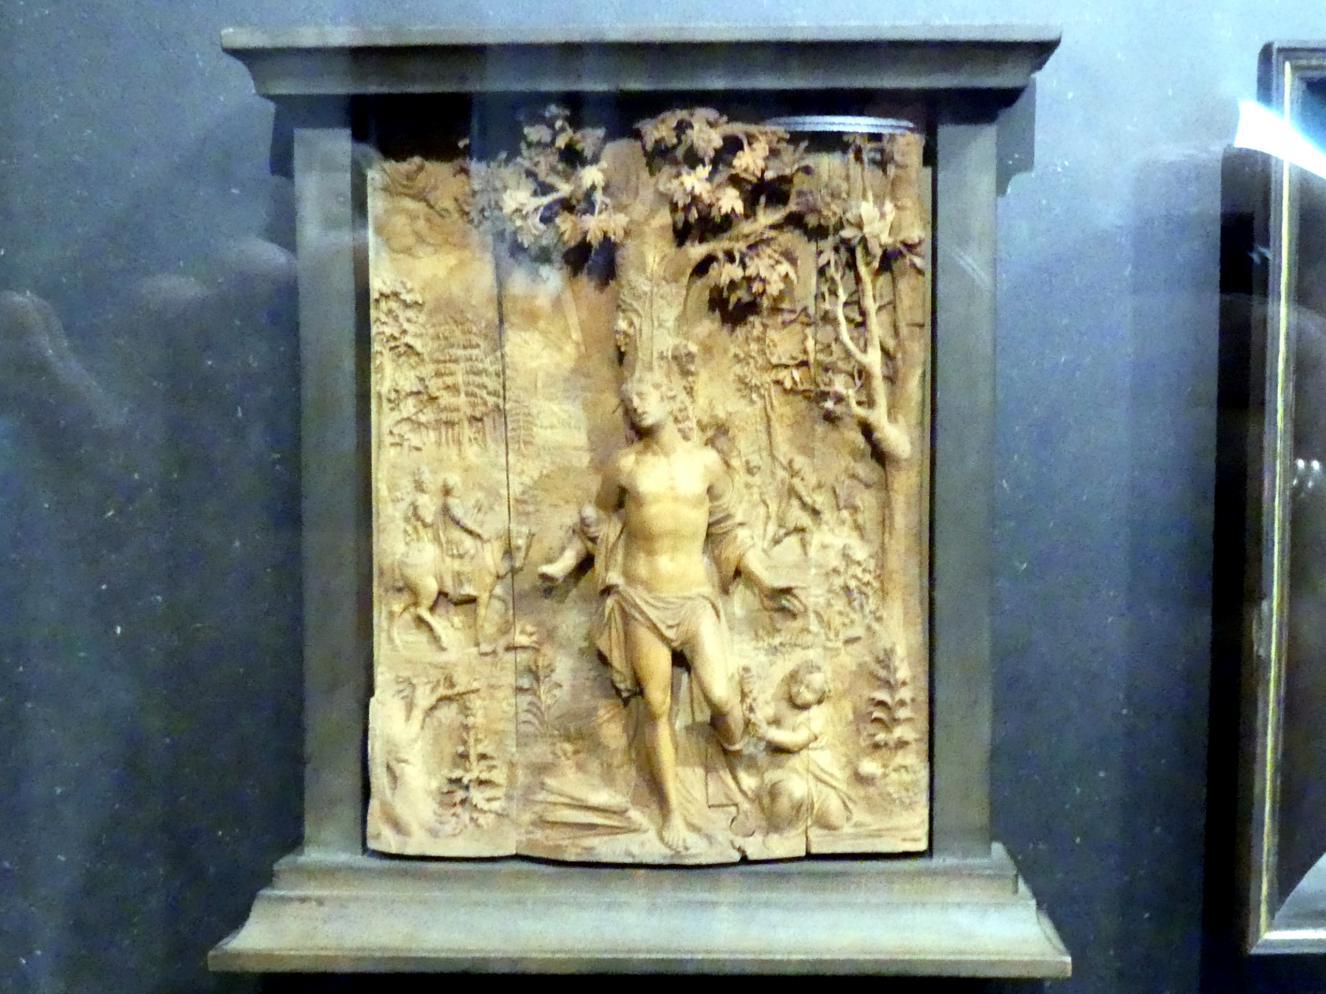 Christoph Angermair: Der gemarterte heilige Sebastian, um 1613 - 1615